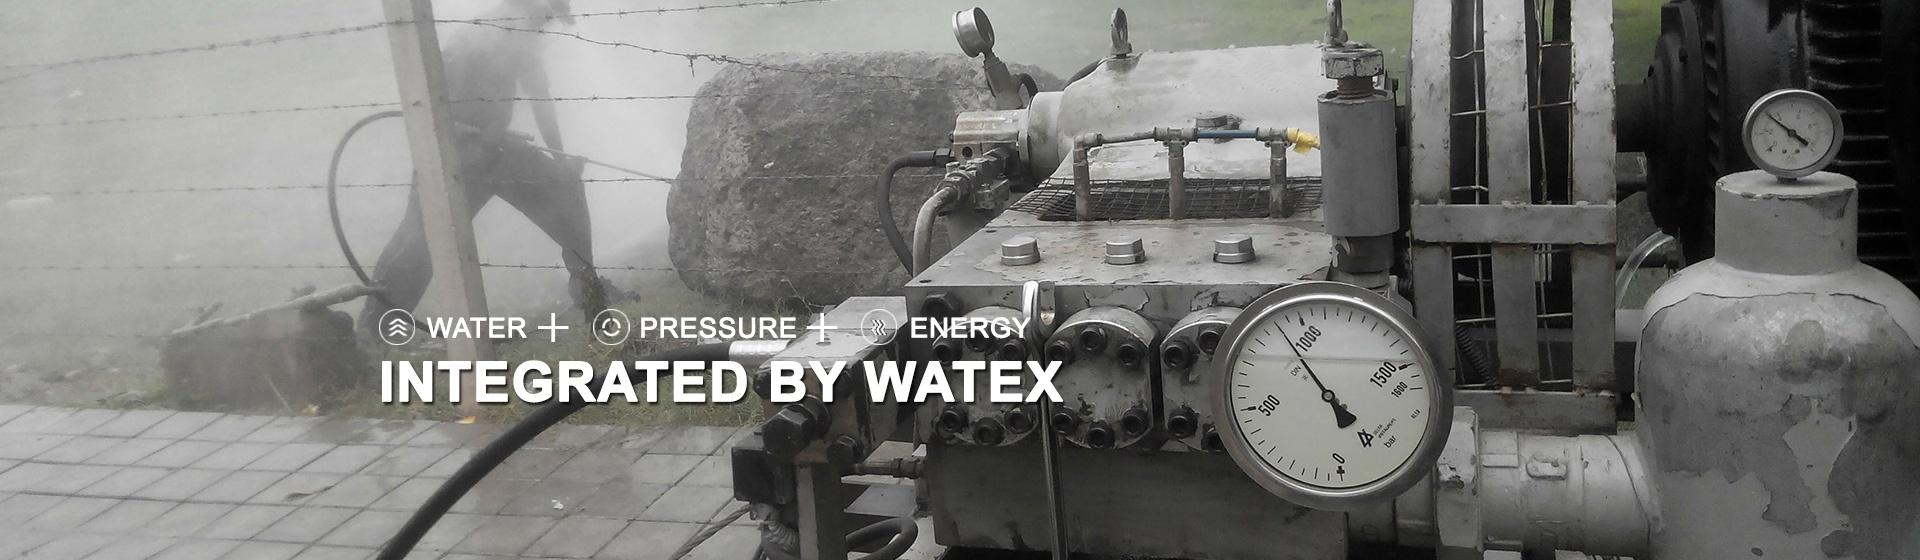 water jet unit